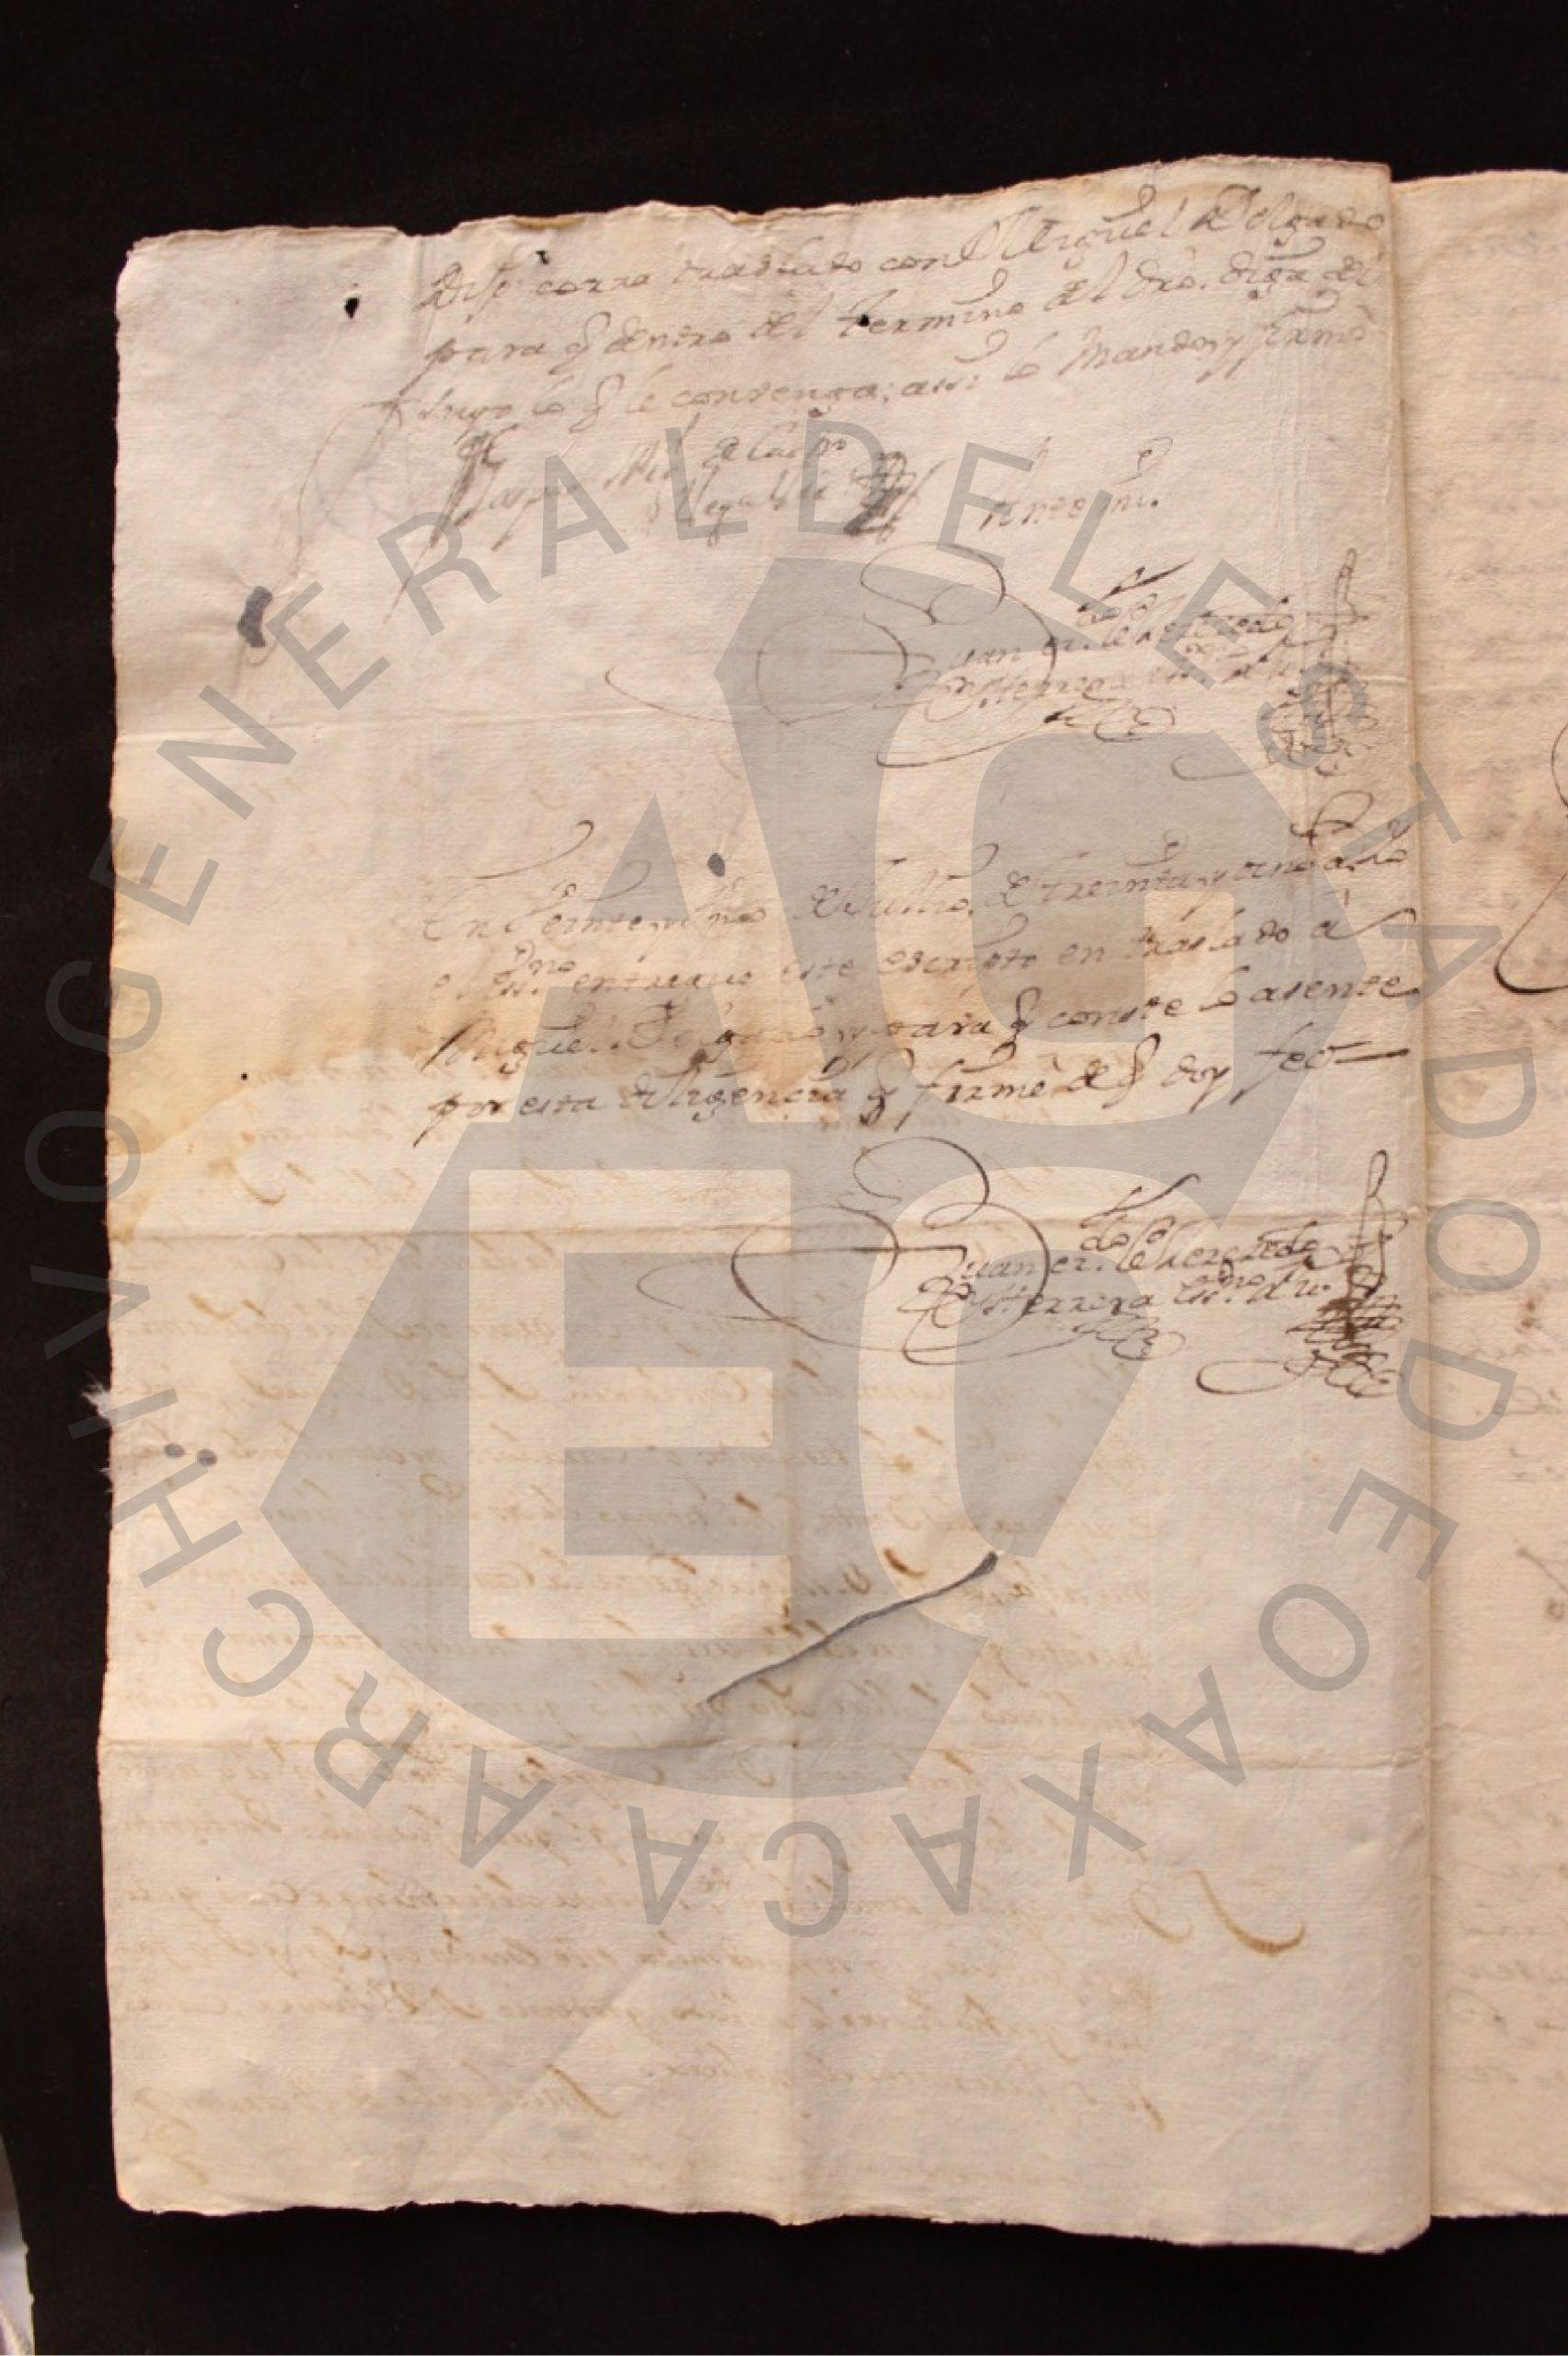 La esclavitud en la época colonial, los documentos históricos de Oaxaca como testimonio.